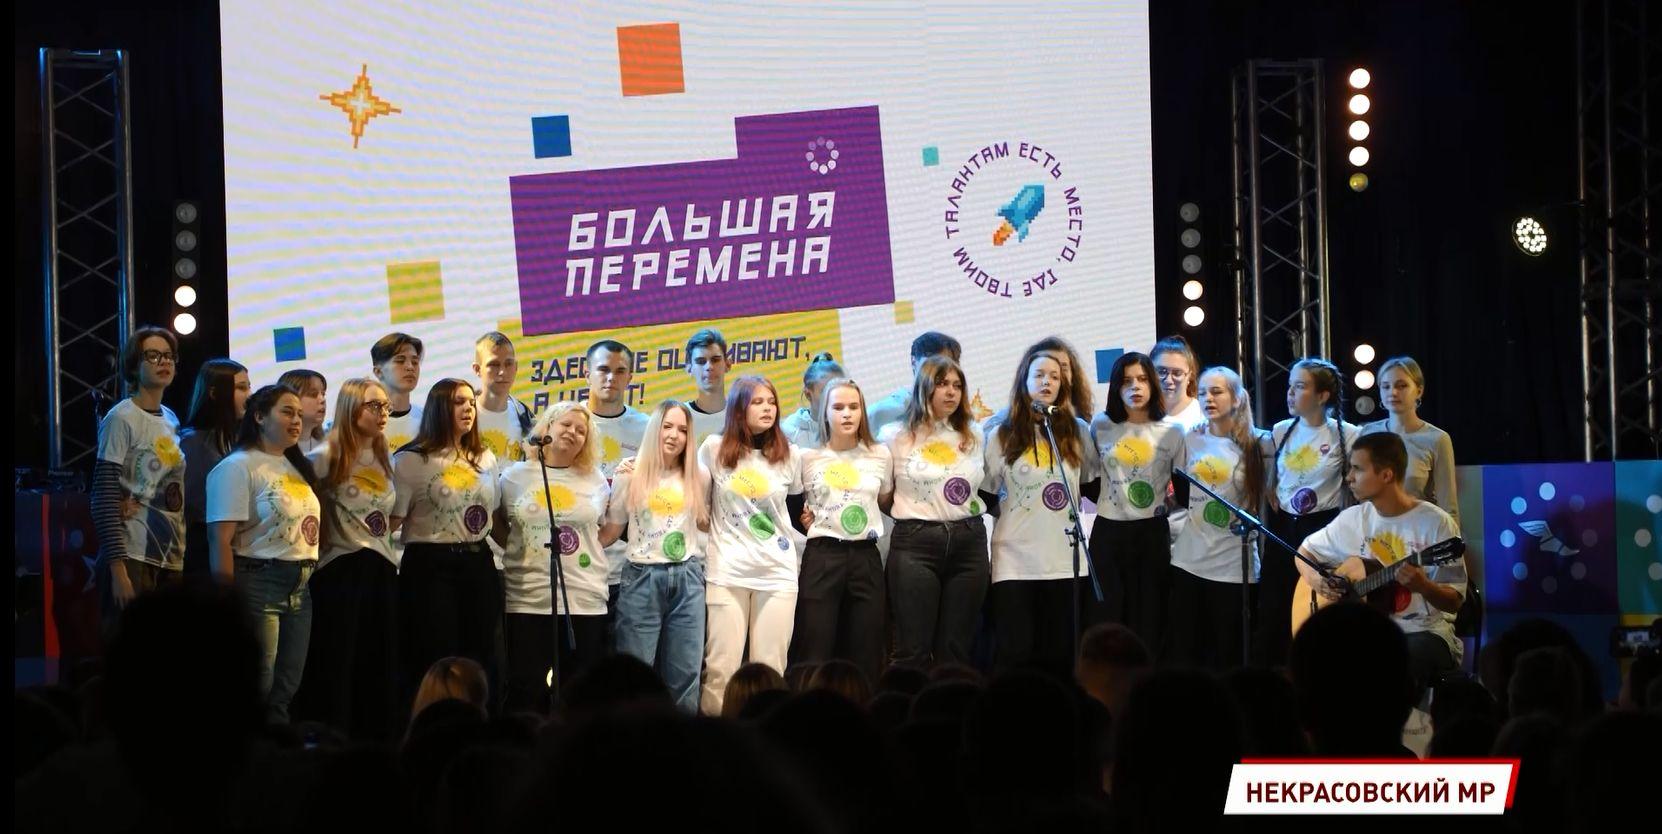 Ярославская область приняла полуфинал Всероссийской «Большой Перемены»